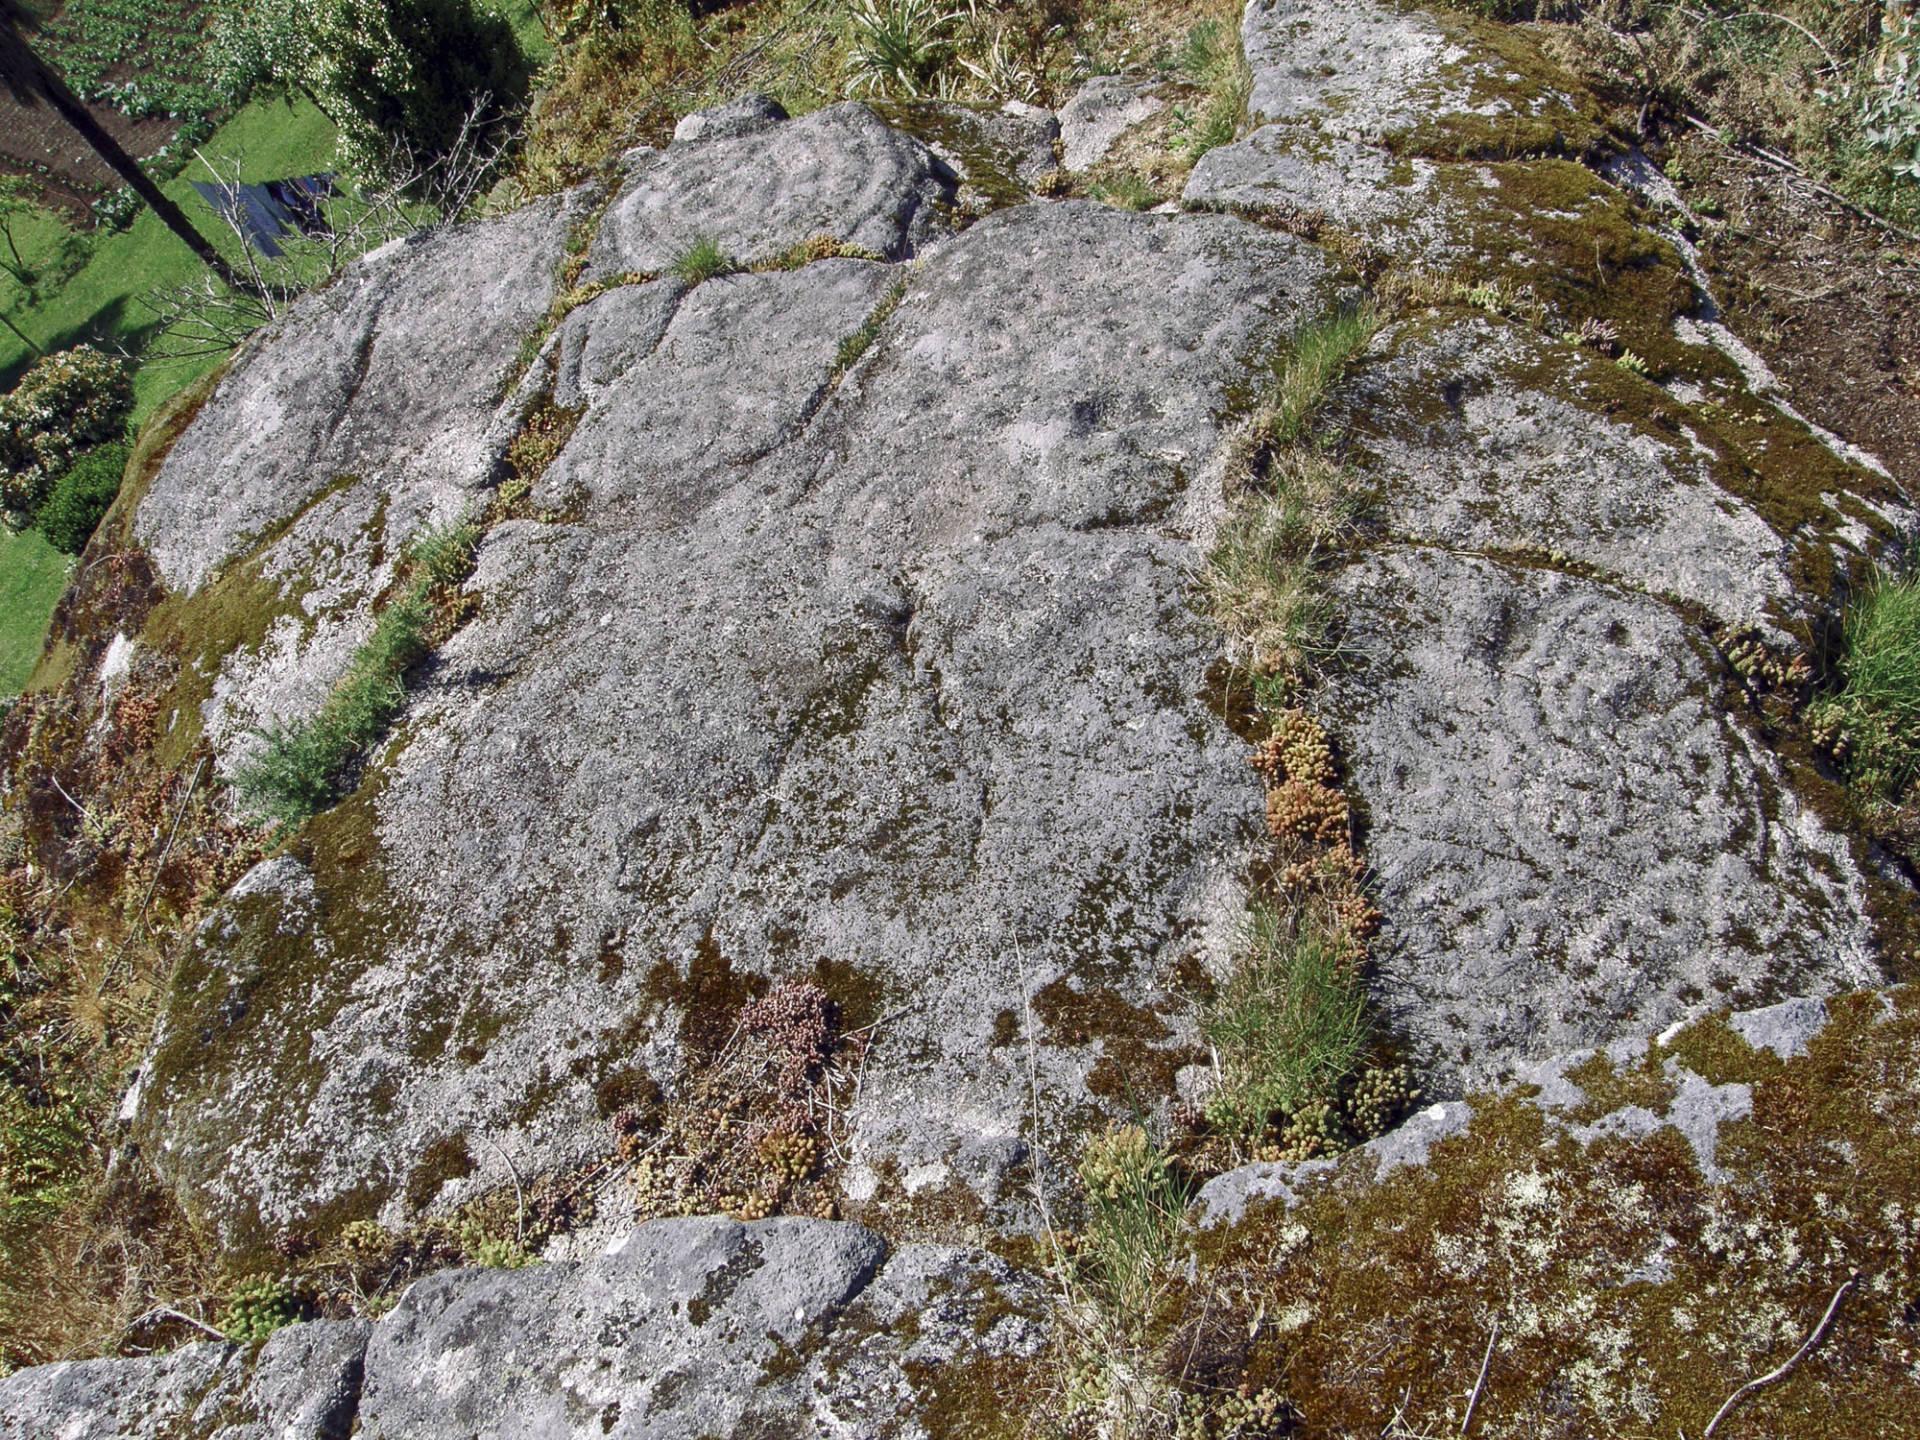 Vista xeral da rocha cos gravados.